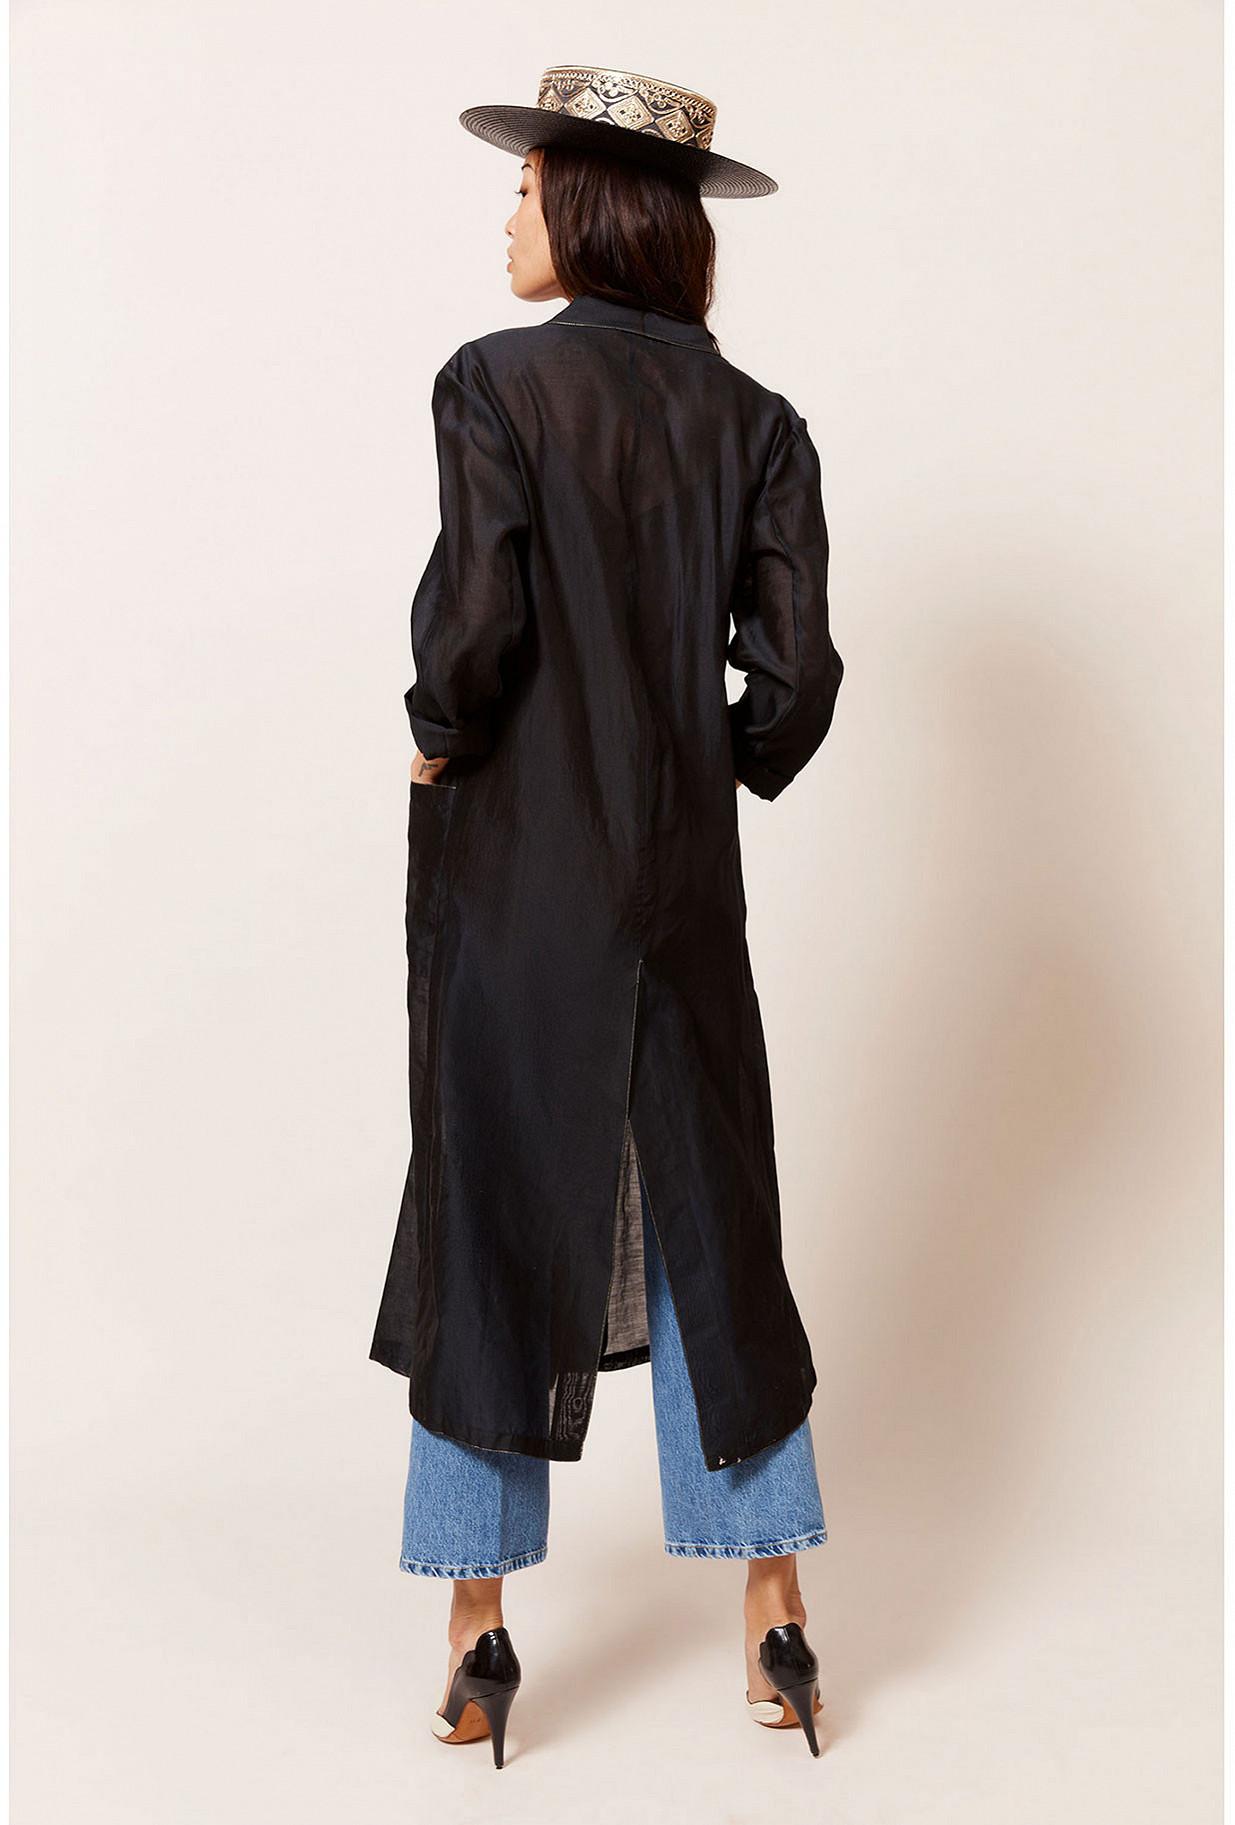 Paris boutique de mode vêtement Veste créateur bohème Oxygene